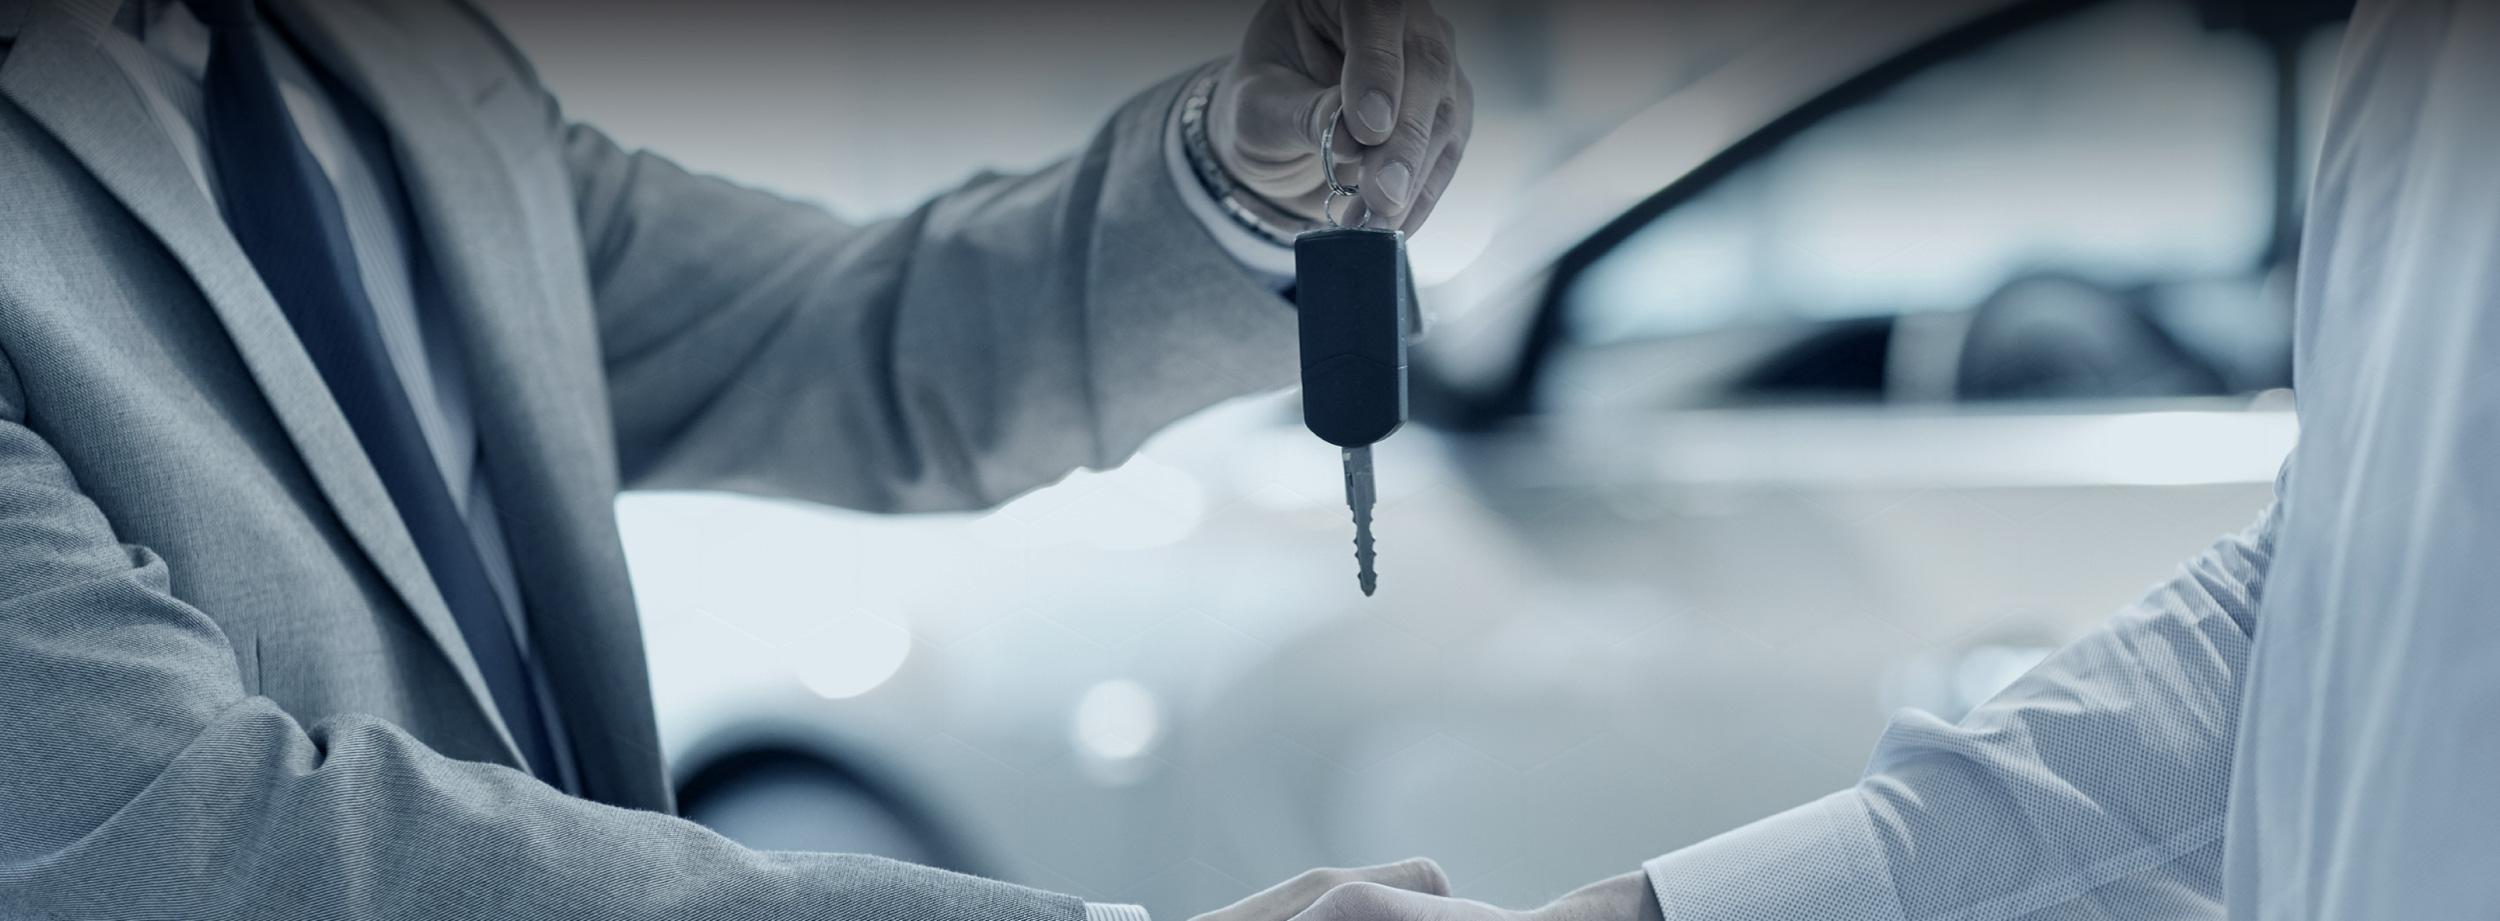 מימון ציוד וכלי רכב